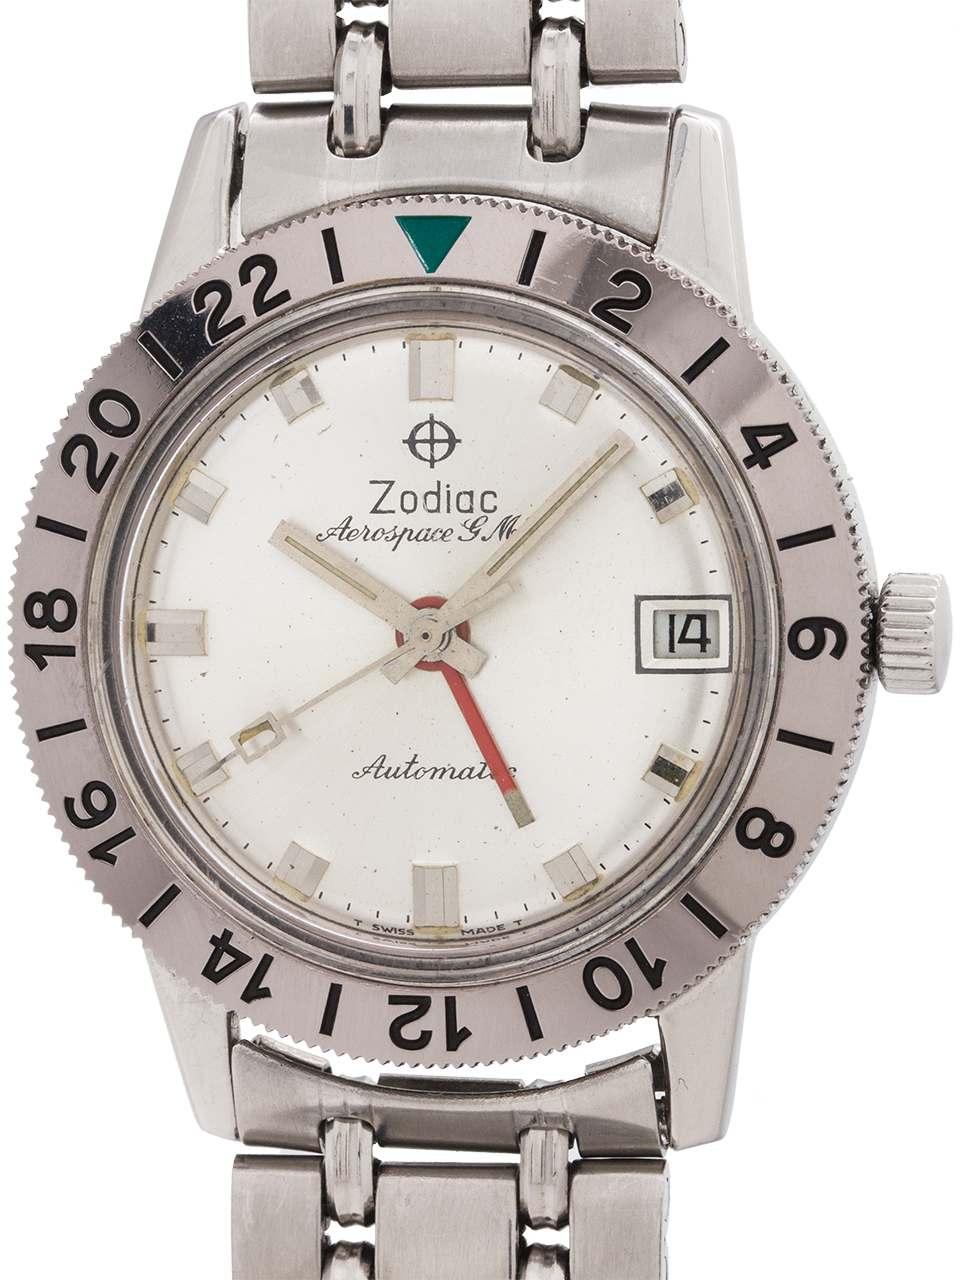 Zodiac SS Aerospace GMT Mint with Bracelet circa 1960's